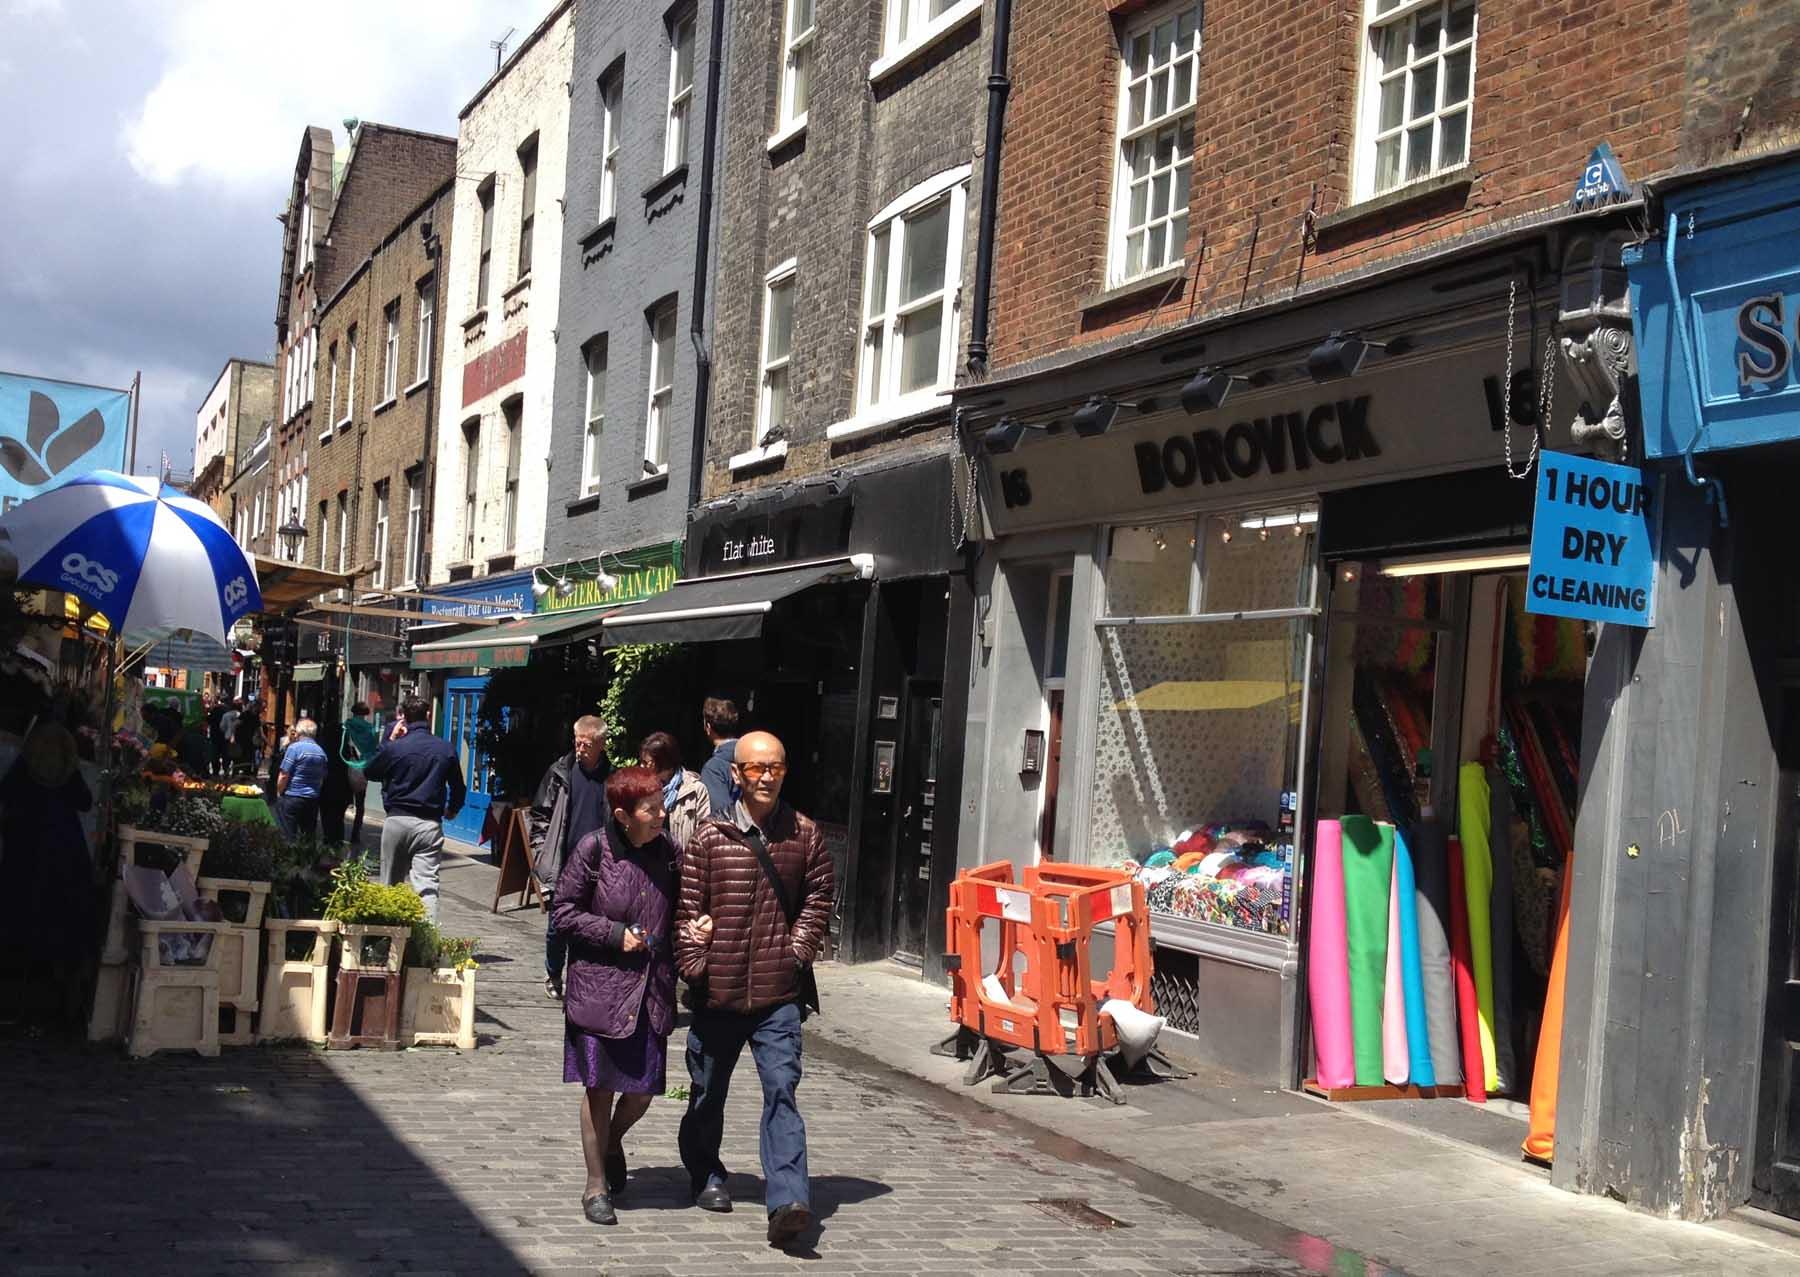 Borovick shop in Berwick St